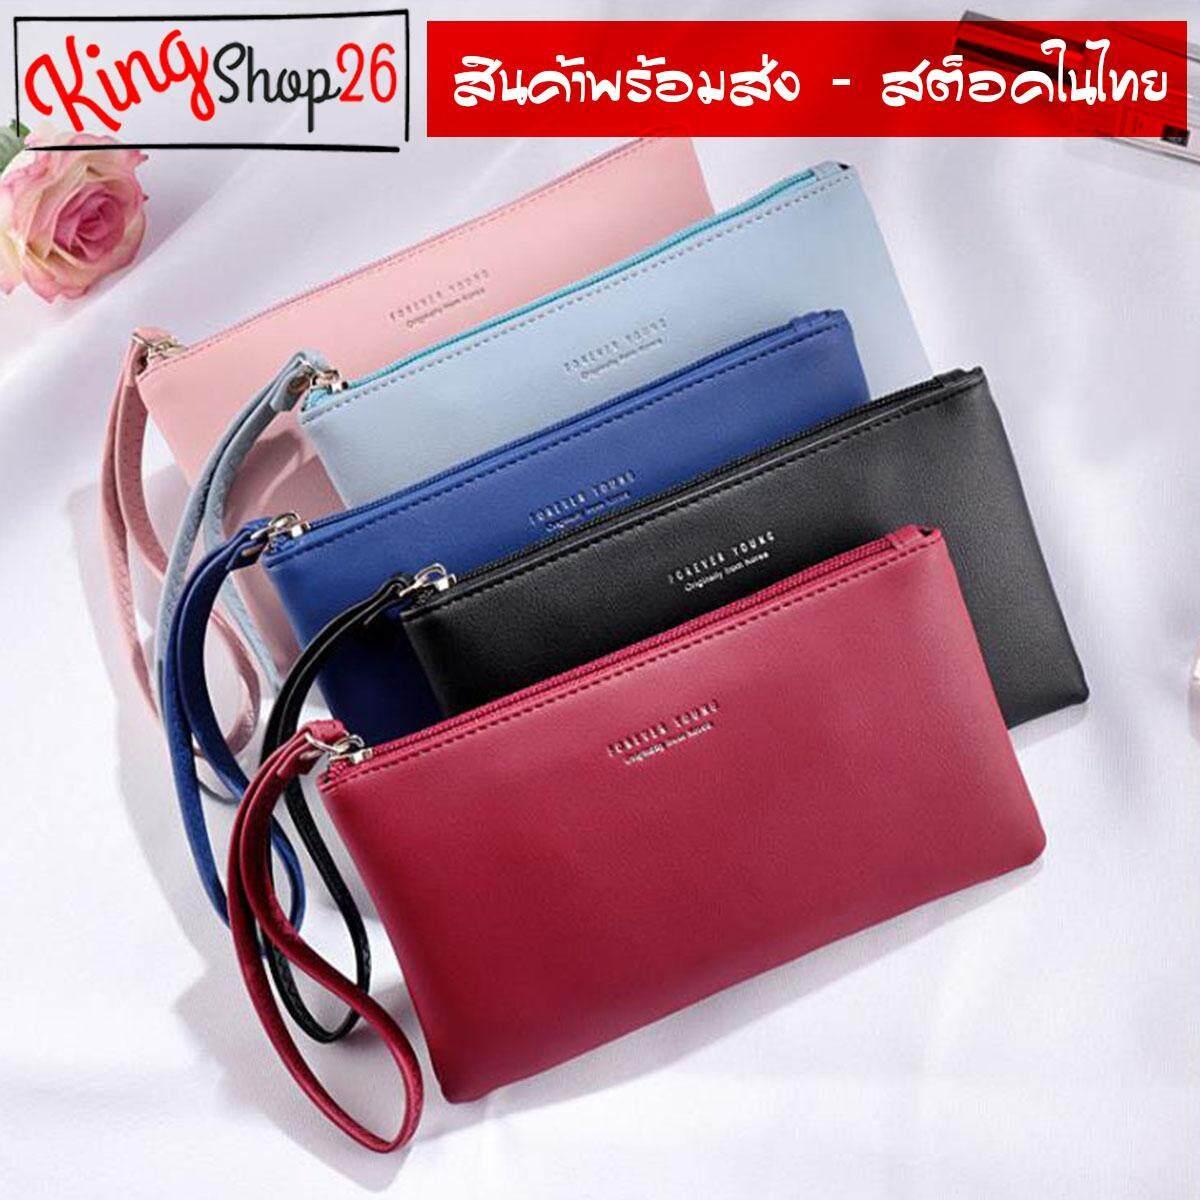 กระเป๋าเป้ นักเรียน ผู้หญิง วัยรุ่น ลำปาง King Shop26 Forever Young กระเป๋าสตางค์ใบยาว คล้องแขน กระเป๋าโทรศัพท์ P 28